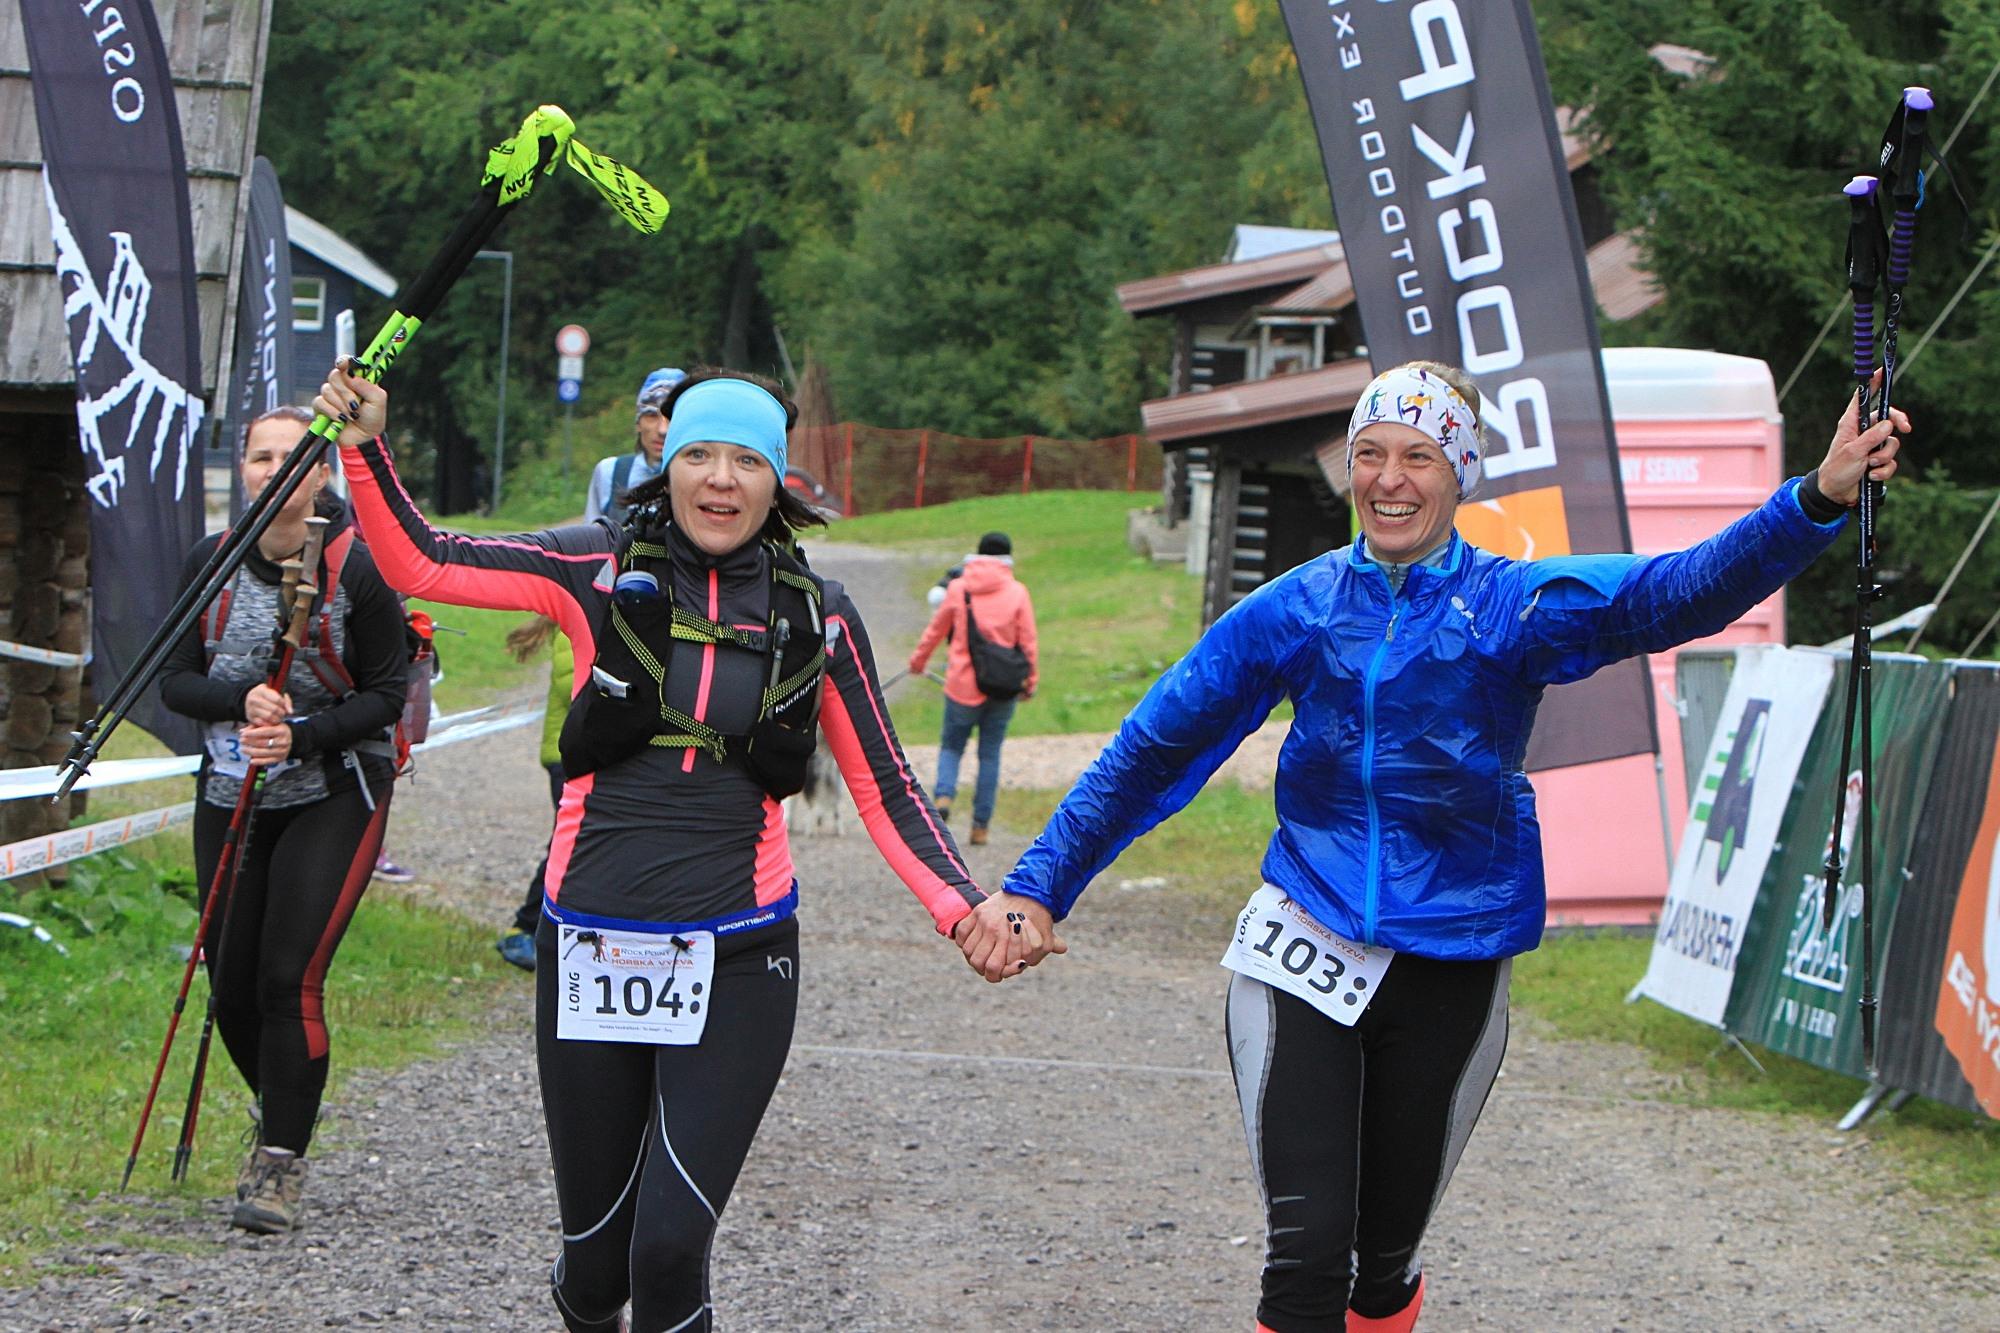 nejrychlejší ženy Markéta Vondráčková a Kateřina Trdlová (zleva) foto:P. Pátek PatRESS.cz